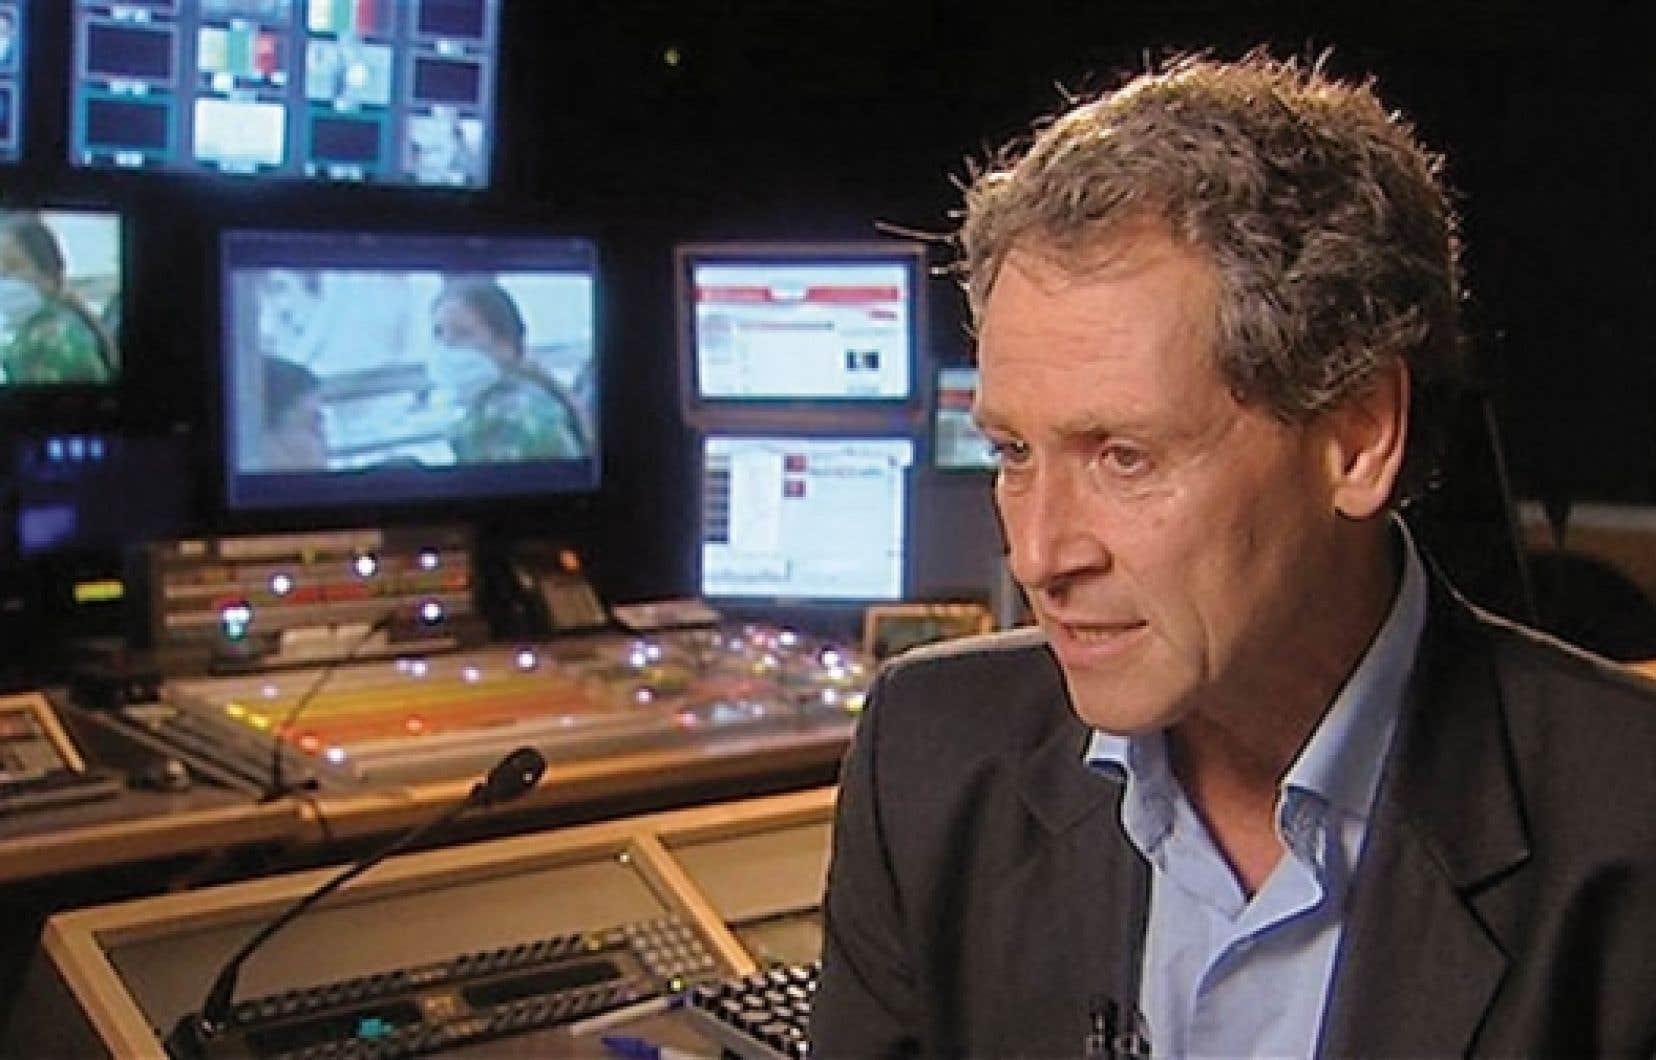 Michel Cormier remplacera Alain Saulnier comme directeur g&eacute;n&eacute;ral de l&rsquo;information, d&egrave;s avril.<br />